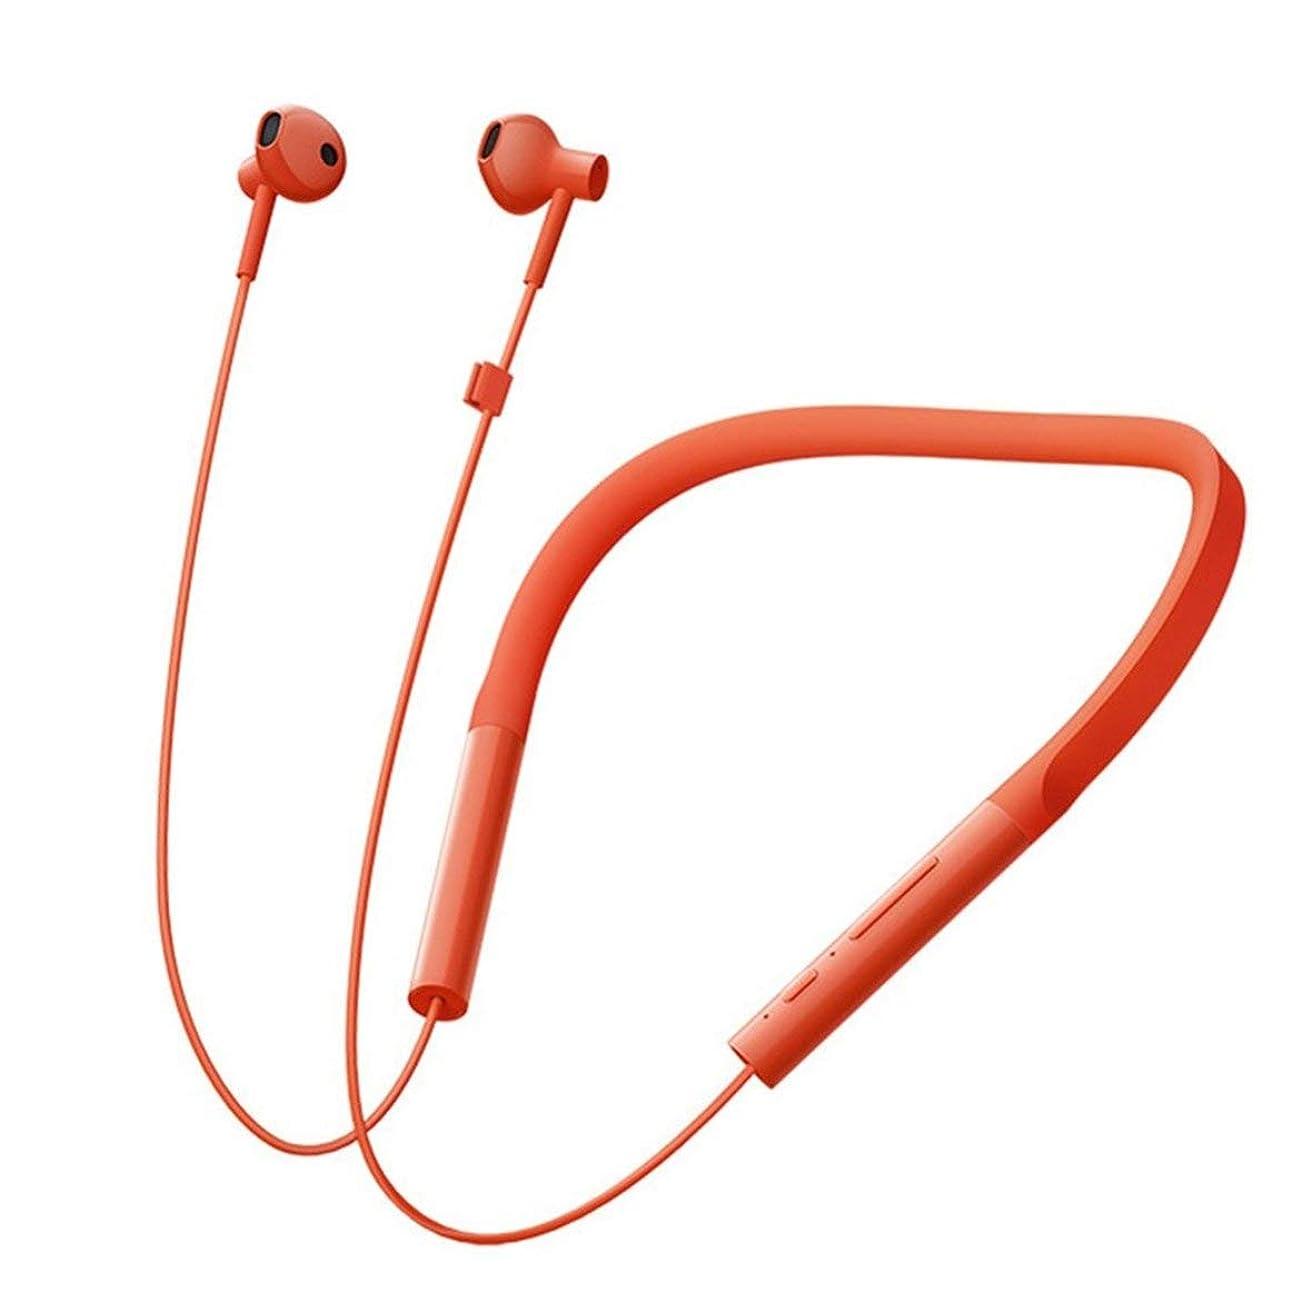 ベアリング外交学士Tivollyff Xiaomi Collar Headphonesの場合耳に装着するヘッドフォンネックマウントヘッドフォンスポーツコールヘッドフォン